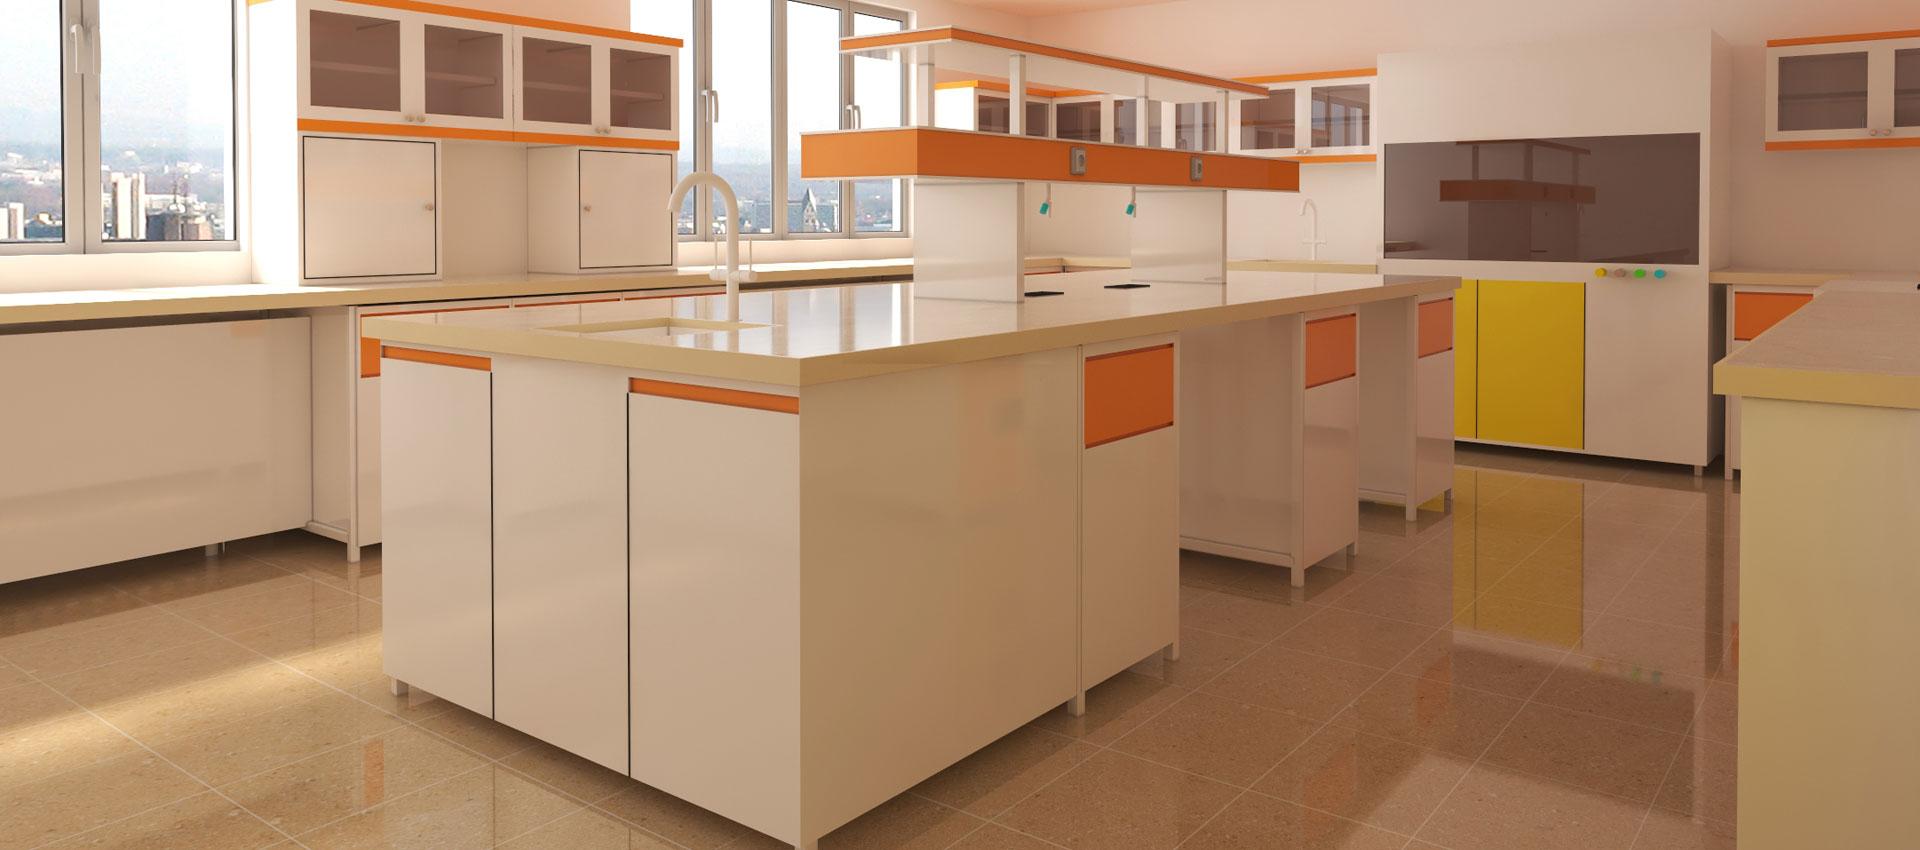 سکوبندی آزمایشگاهی - میزبندی آزمایشگاهی